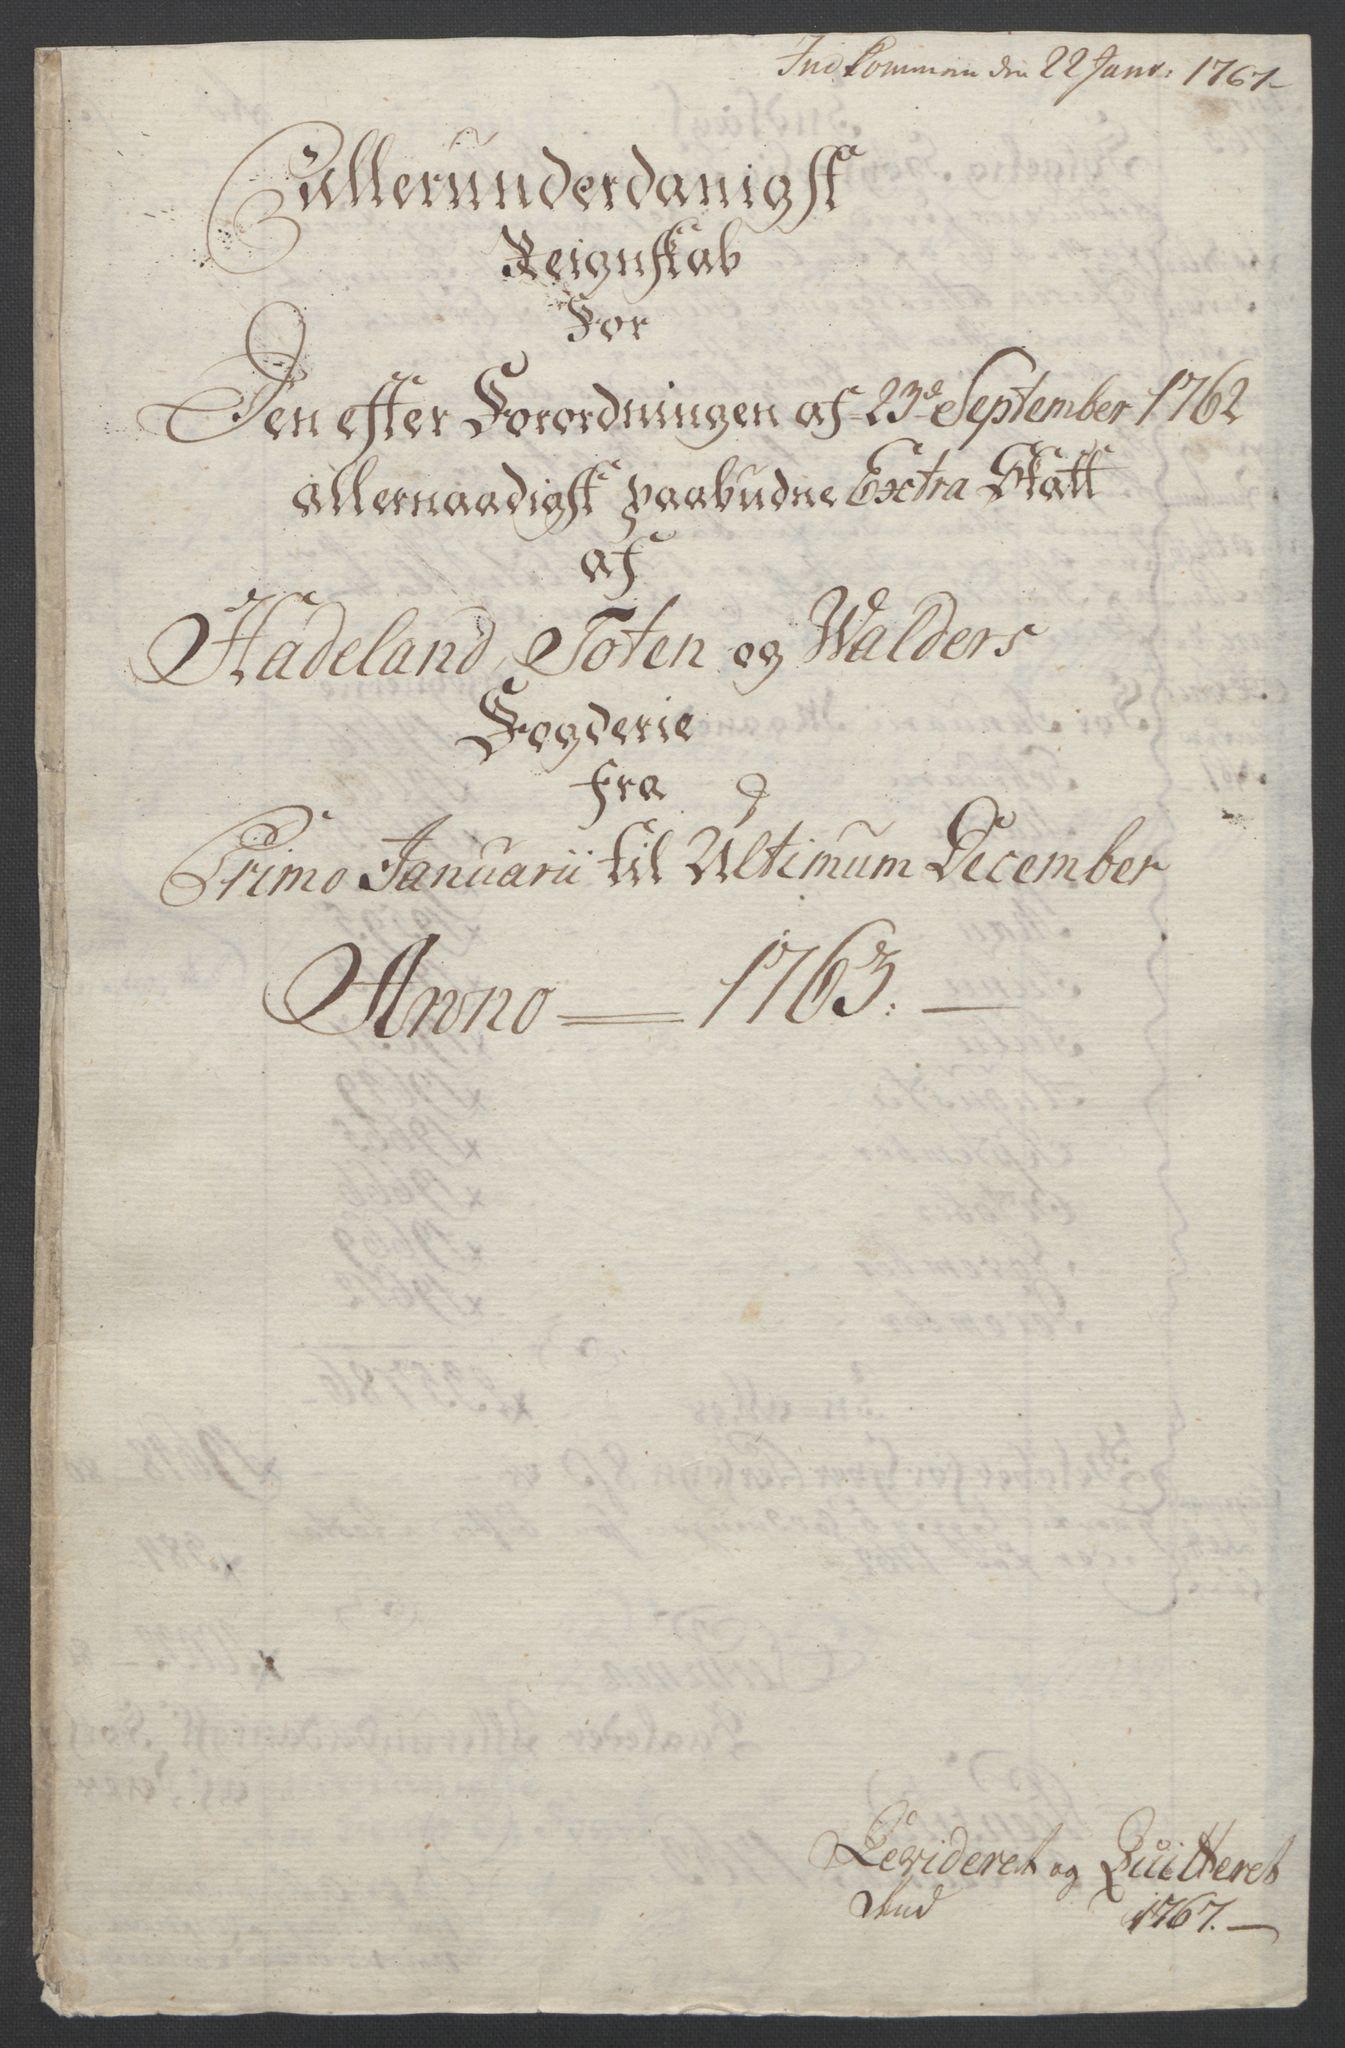 RA, Rentekammeret inntil 1814, Reviderte regnskaper, Fogderegnskap, R19/L1399: Fogderegnskap Toten, Hadeland og Vardal, 1762-1783, s. 17